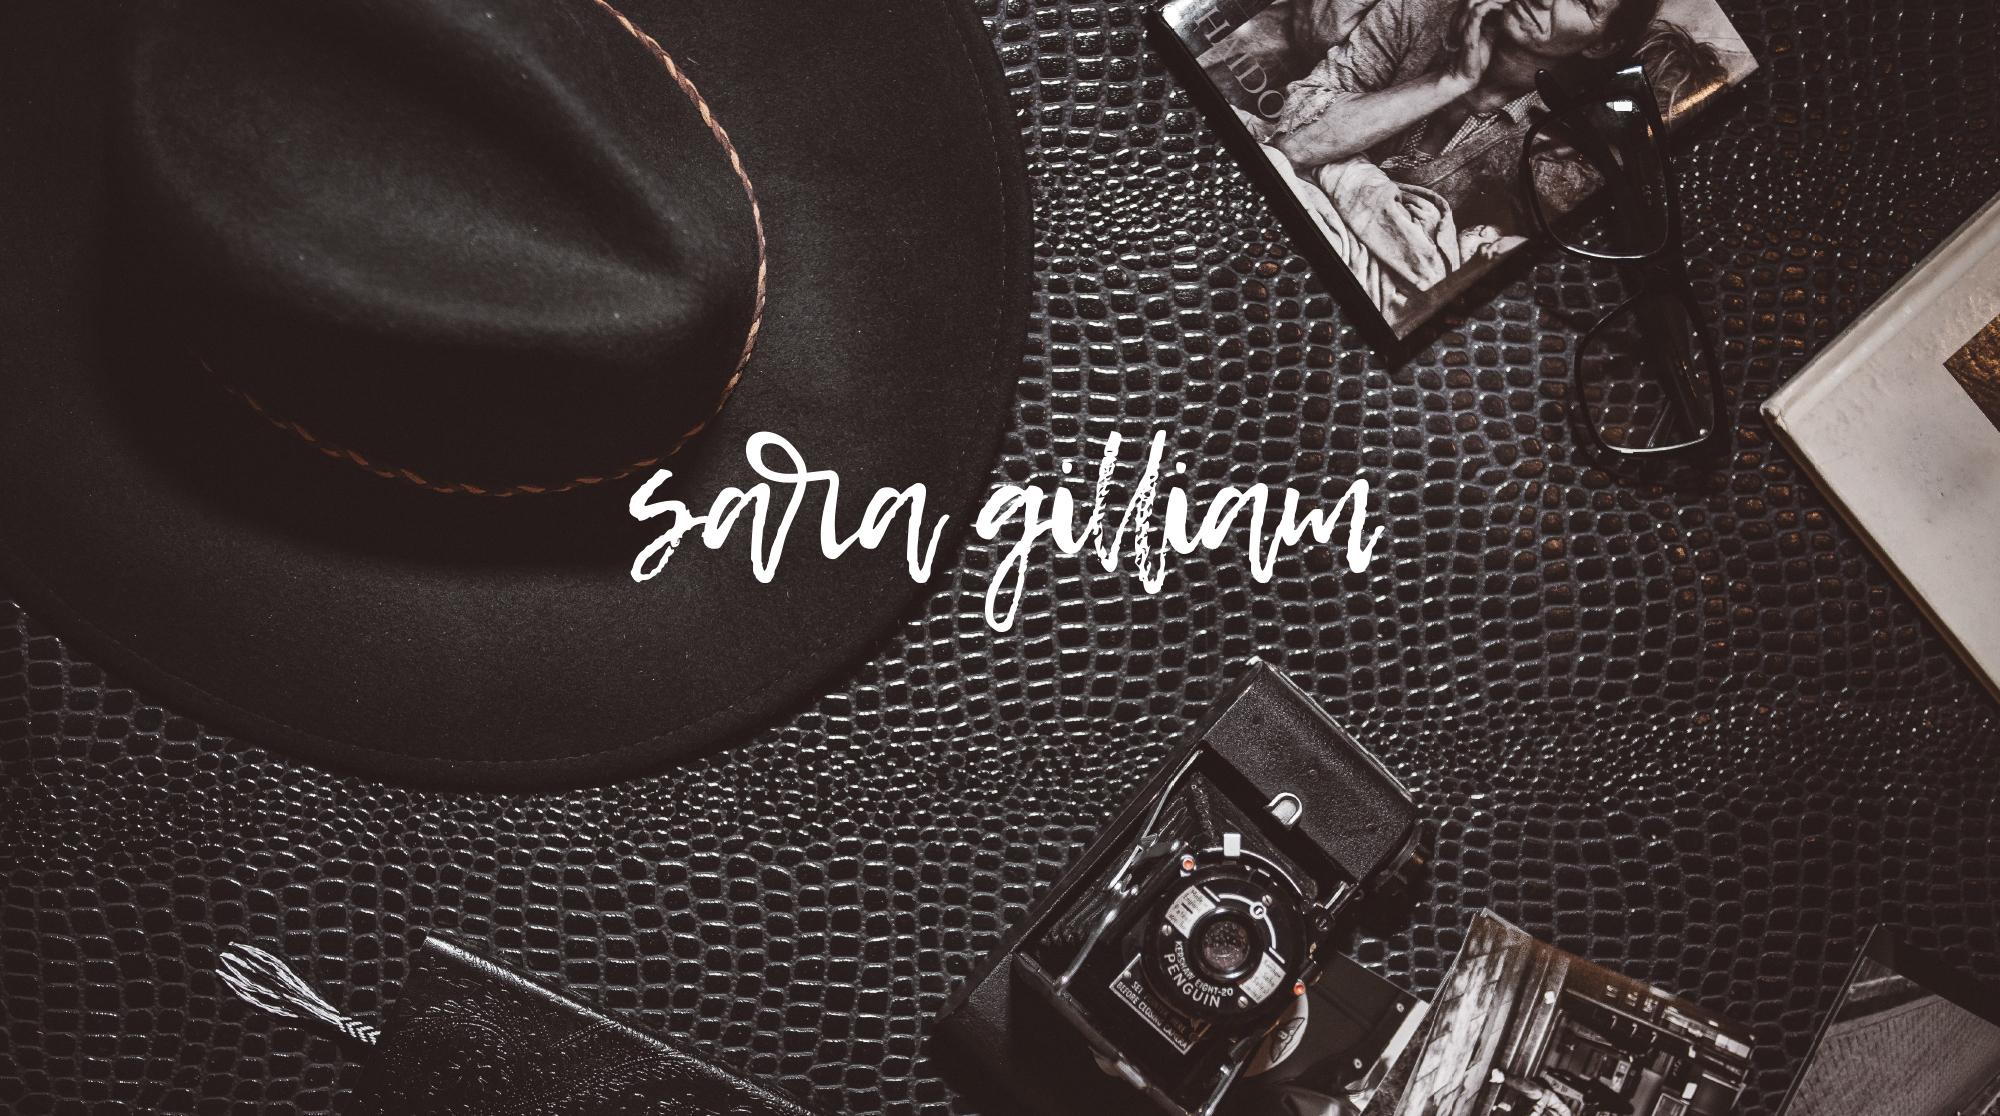 Sara Gilliam